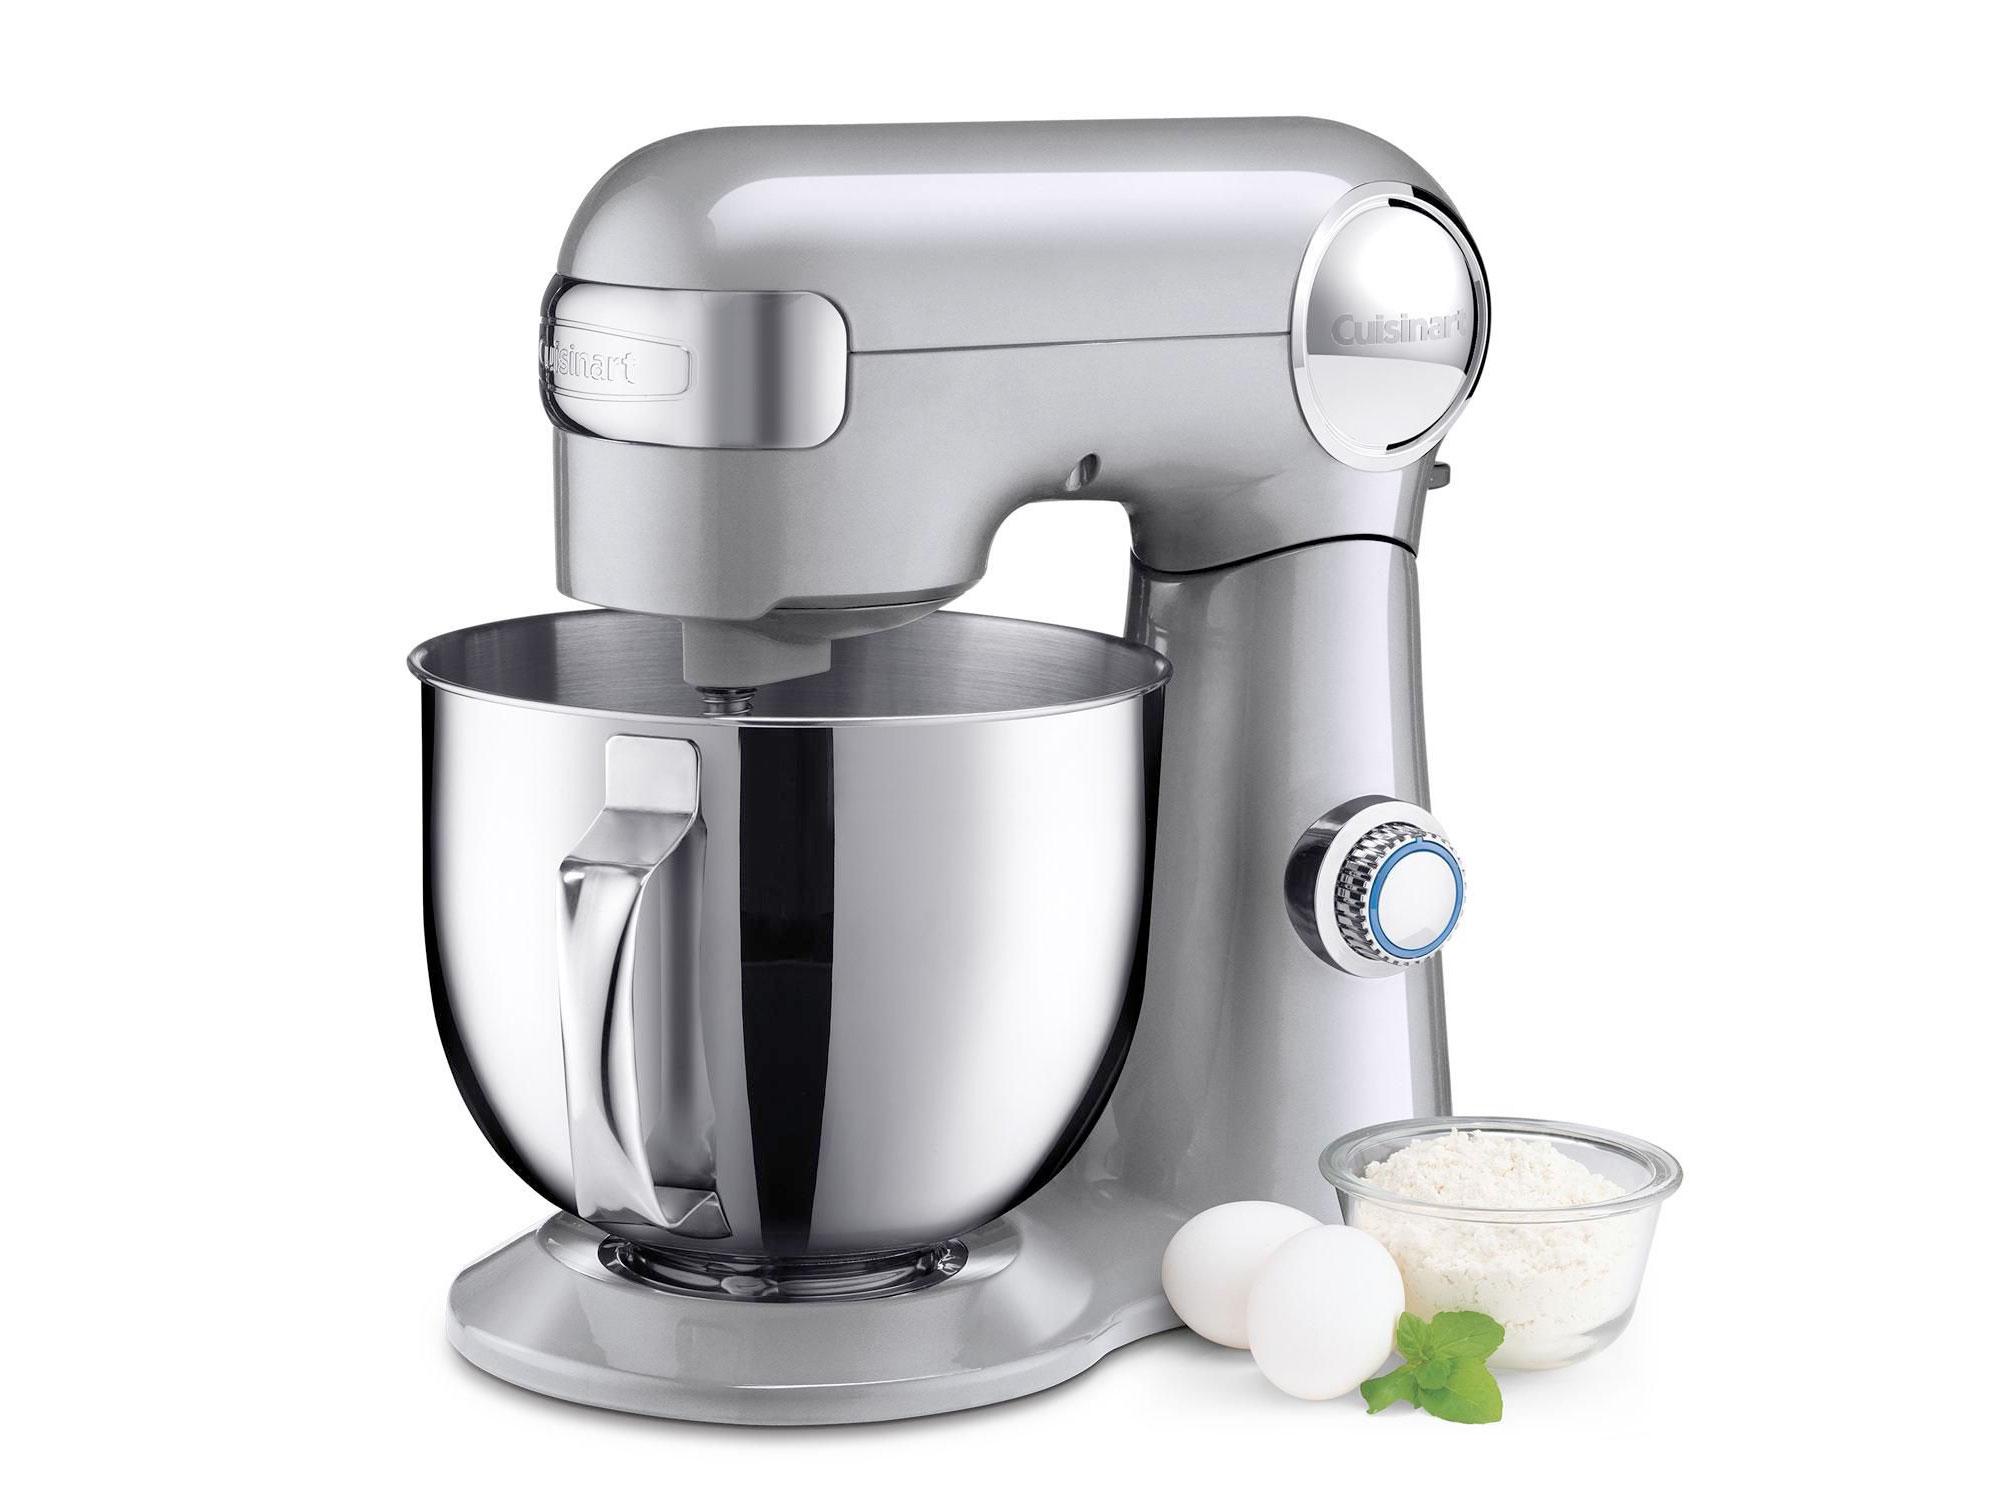 Walmart.ca:Cuisinart SM-50 Series Stand Mixer(5.5 Qt)只賣$199.97